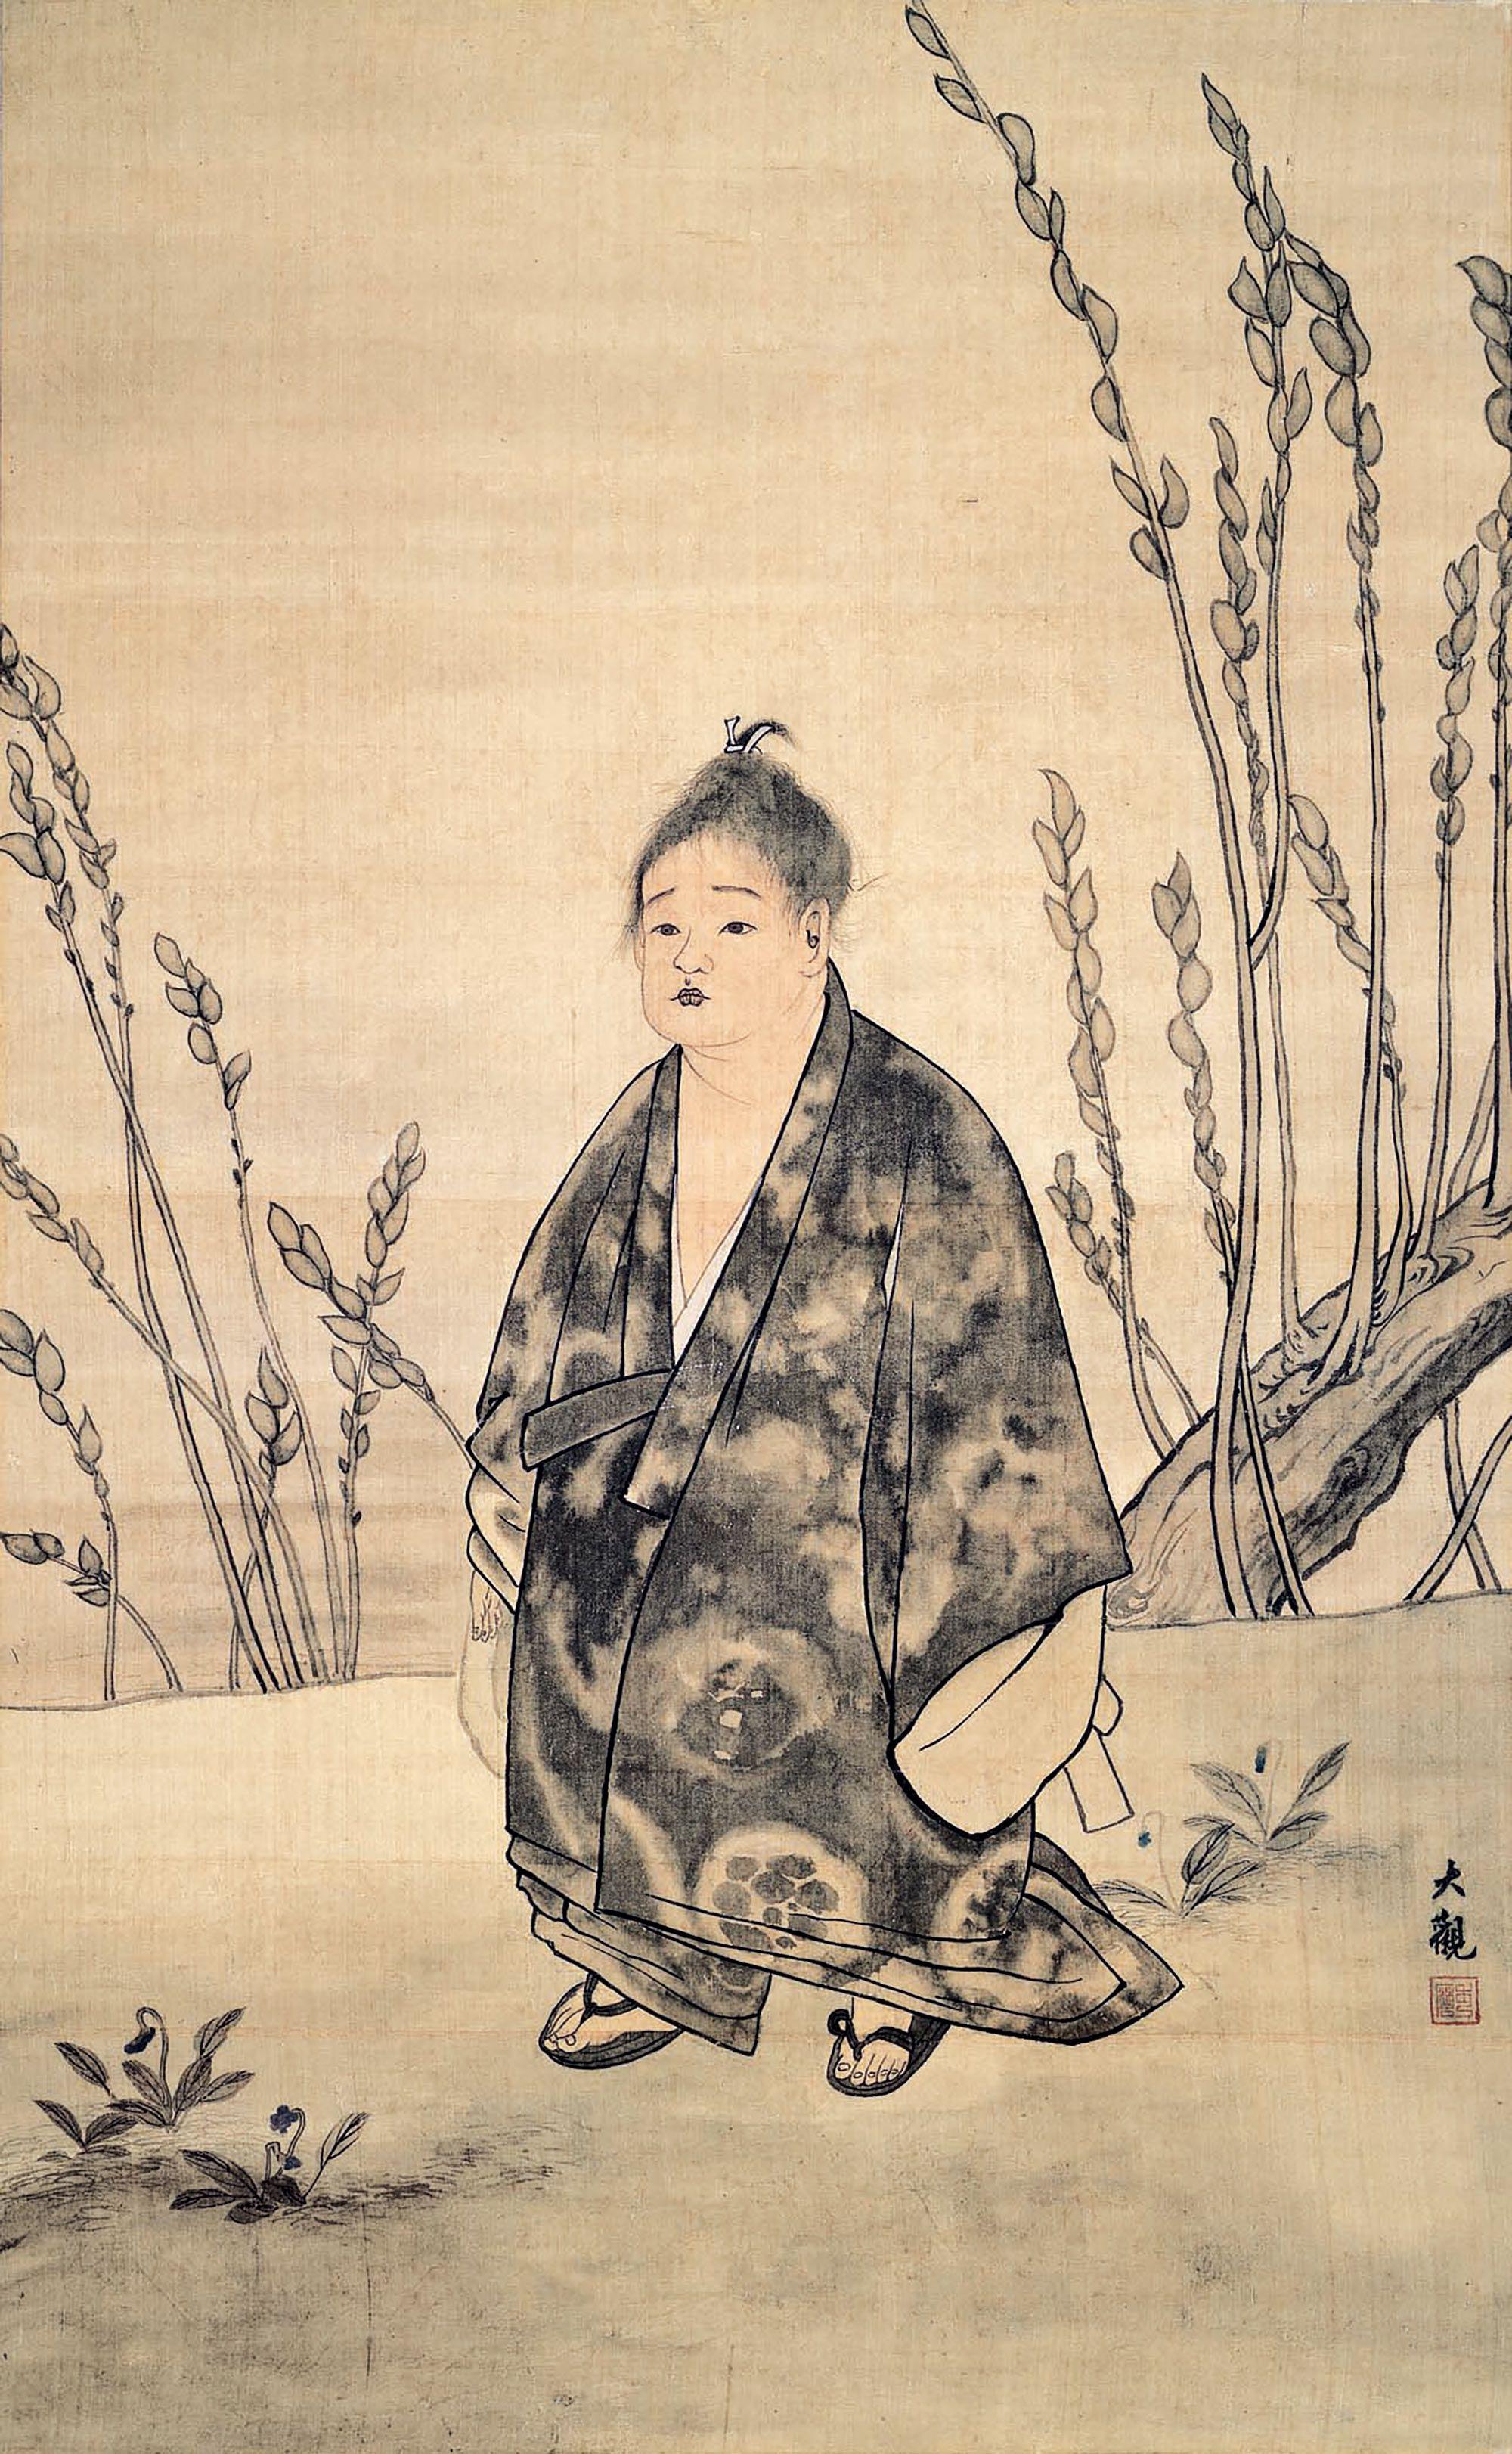 """""""Muga (No Ego)"""" by Taikan Yokoyama, 1897, Adachi Museum Collection"""